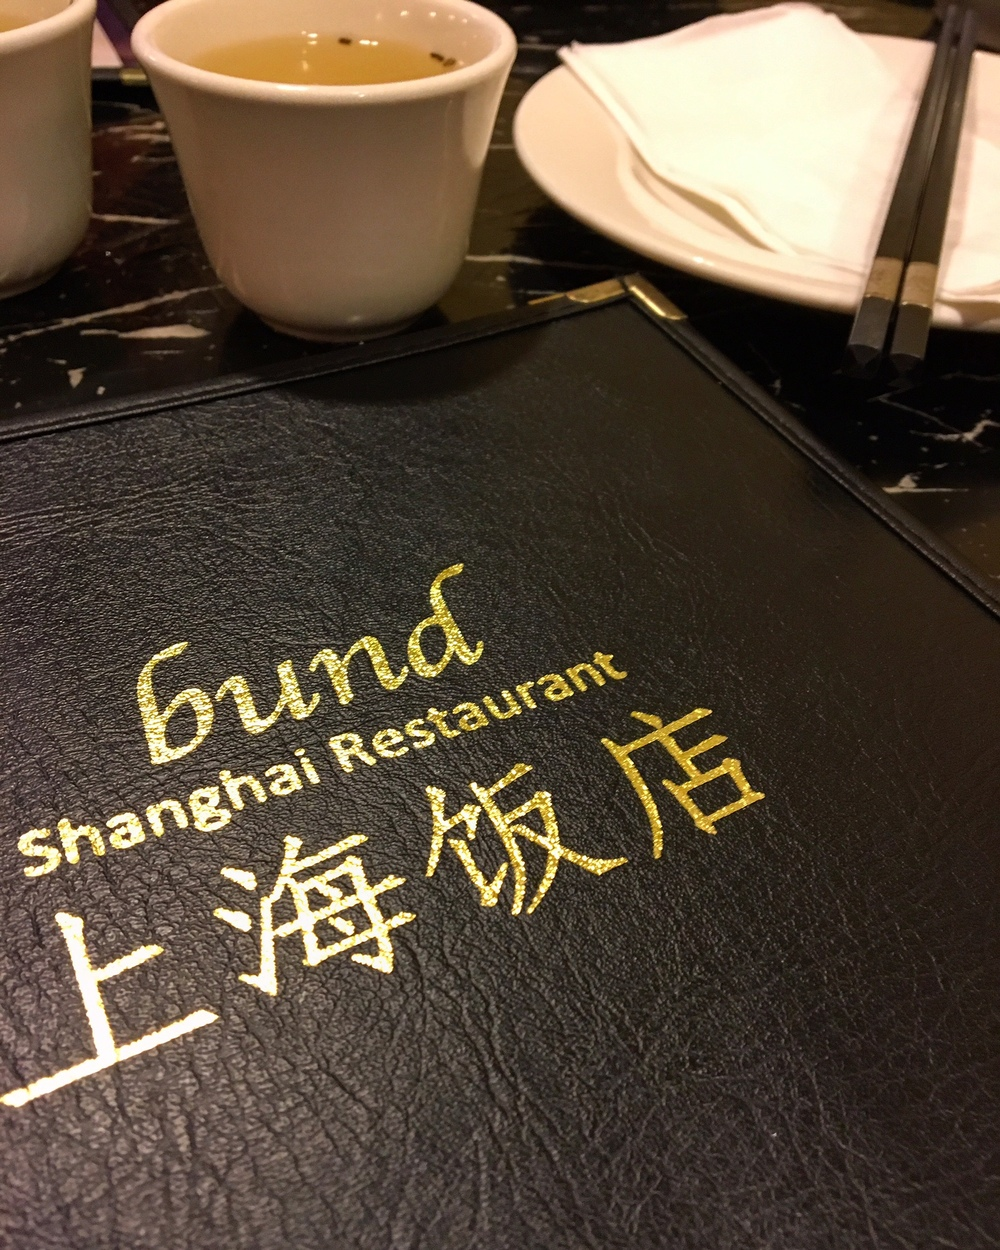 bund-shanghai-chinatown-sanfrancisco.jpg